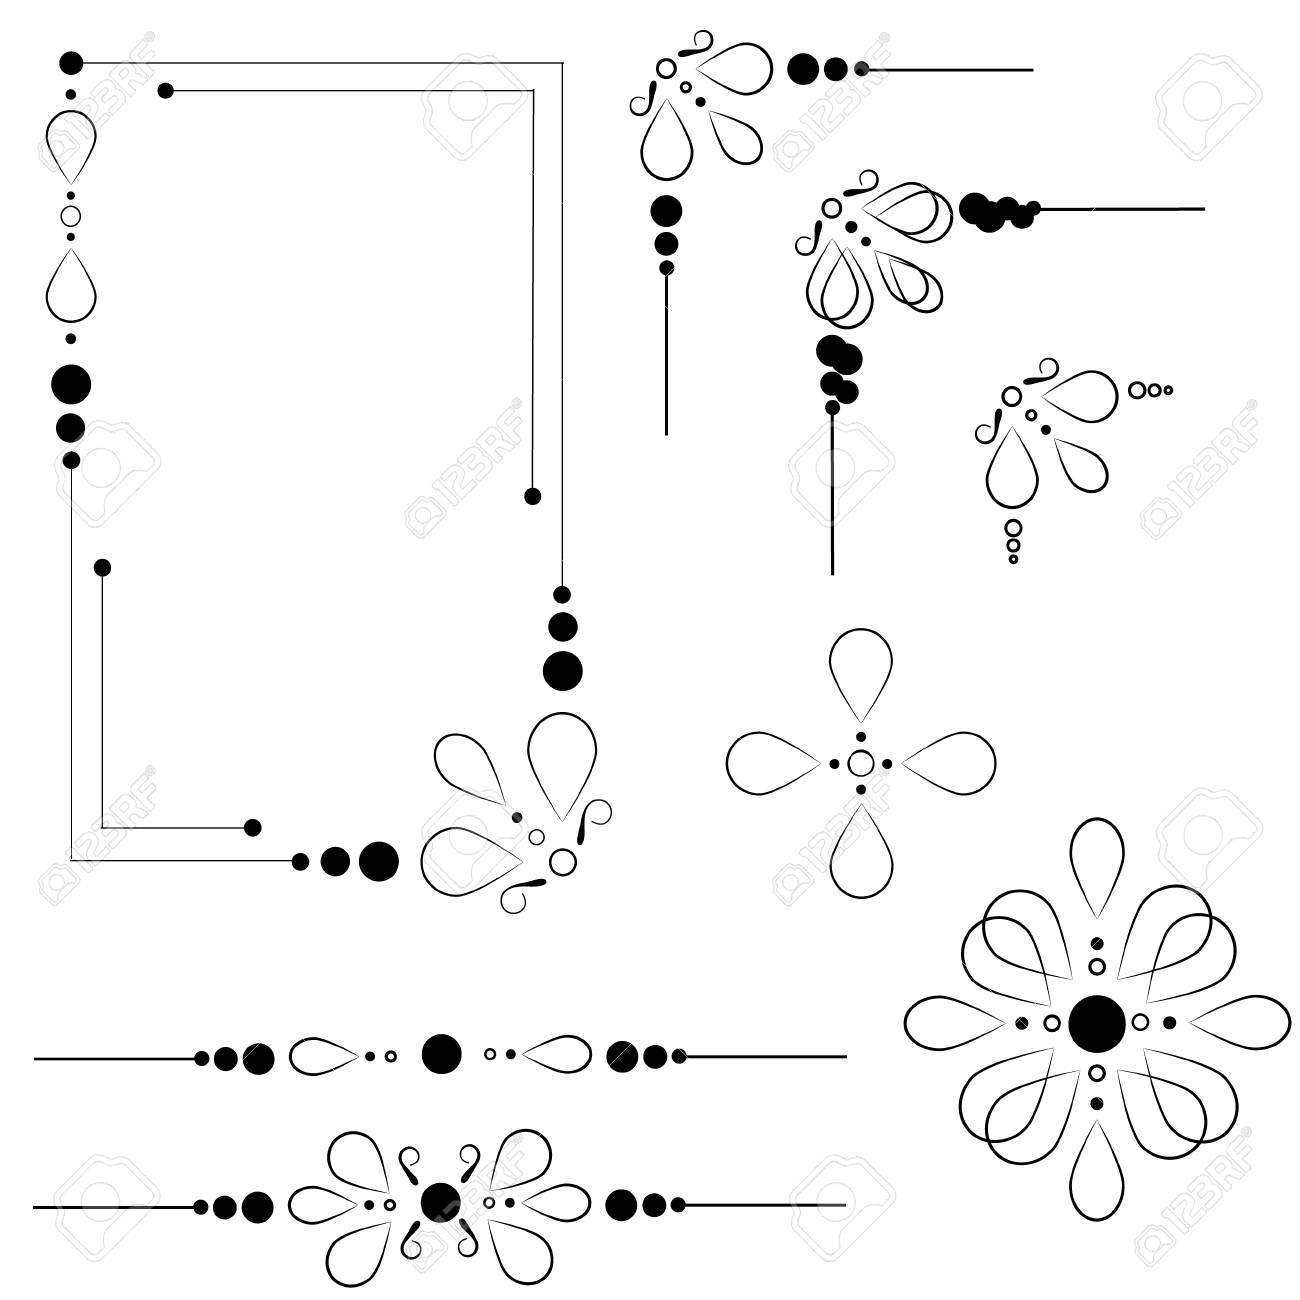 set of ornate line art frames and borders black outline elements